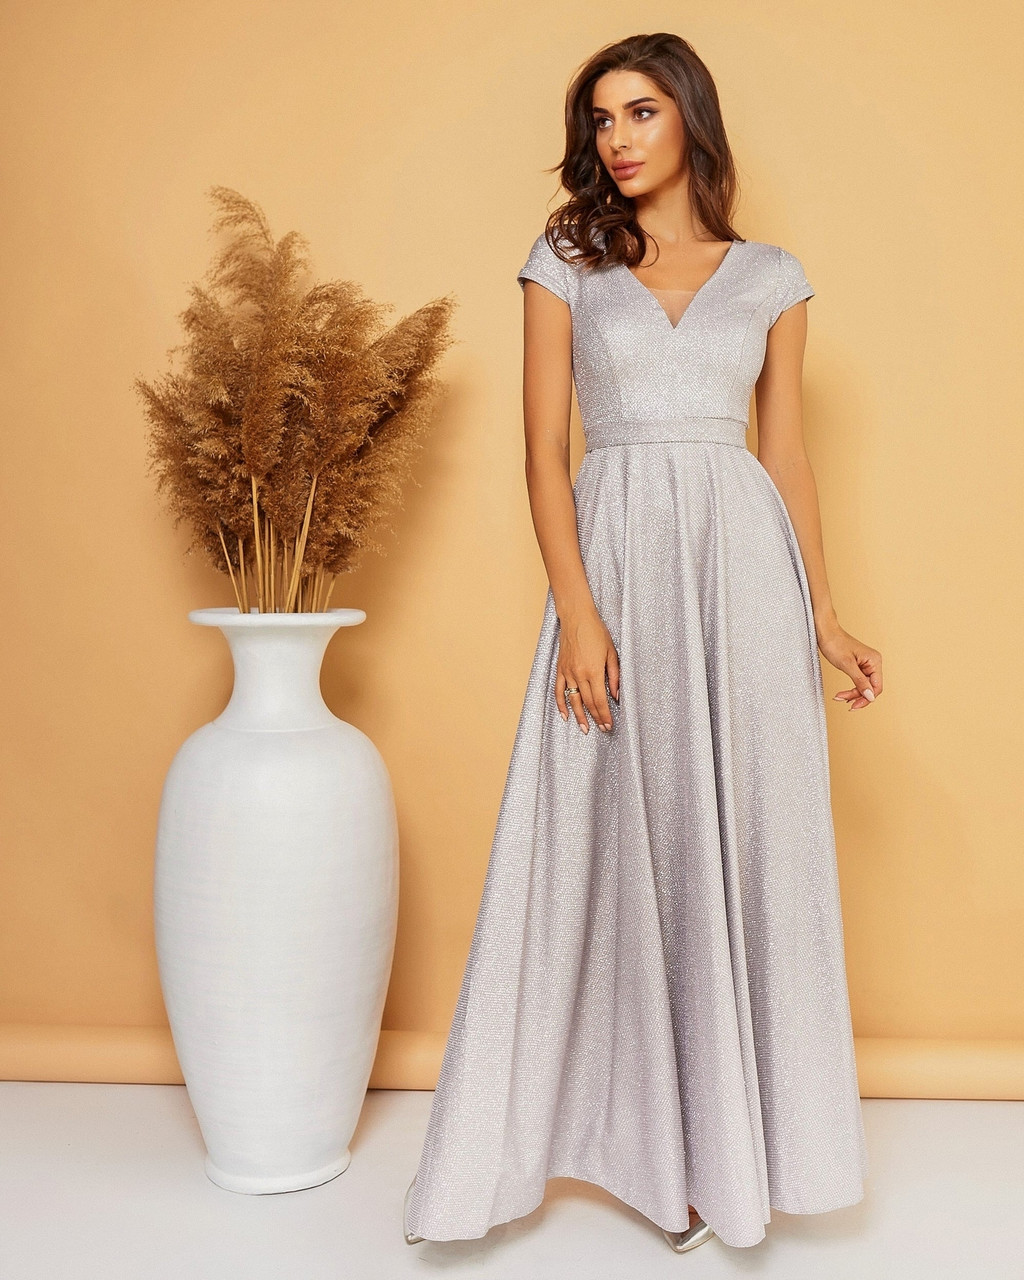 Вечірнє довге плаття з декольте та юбкою кльош, 00686 (Сірий) ,Розмір 46 (L)